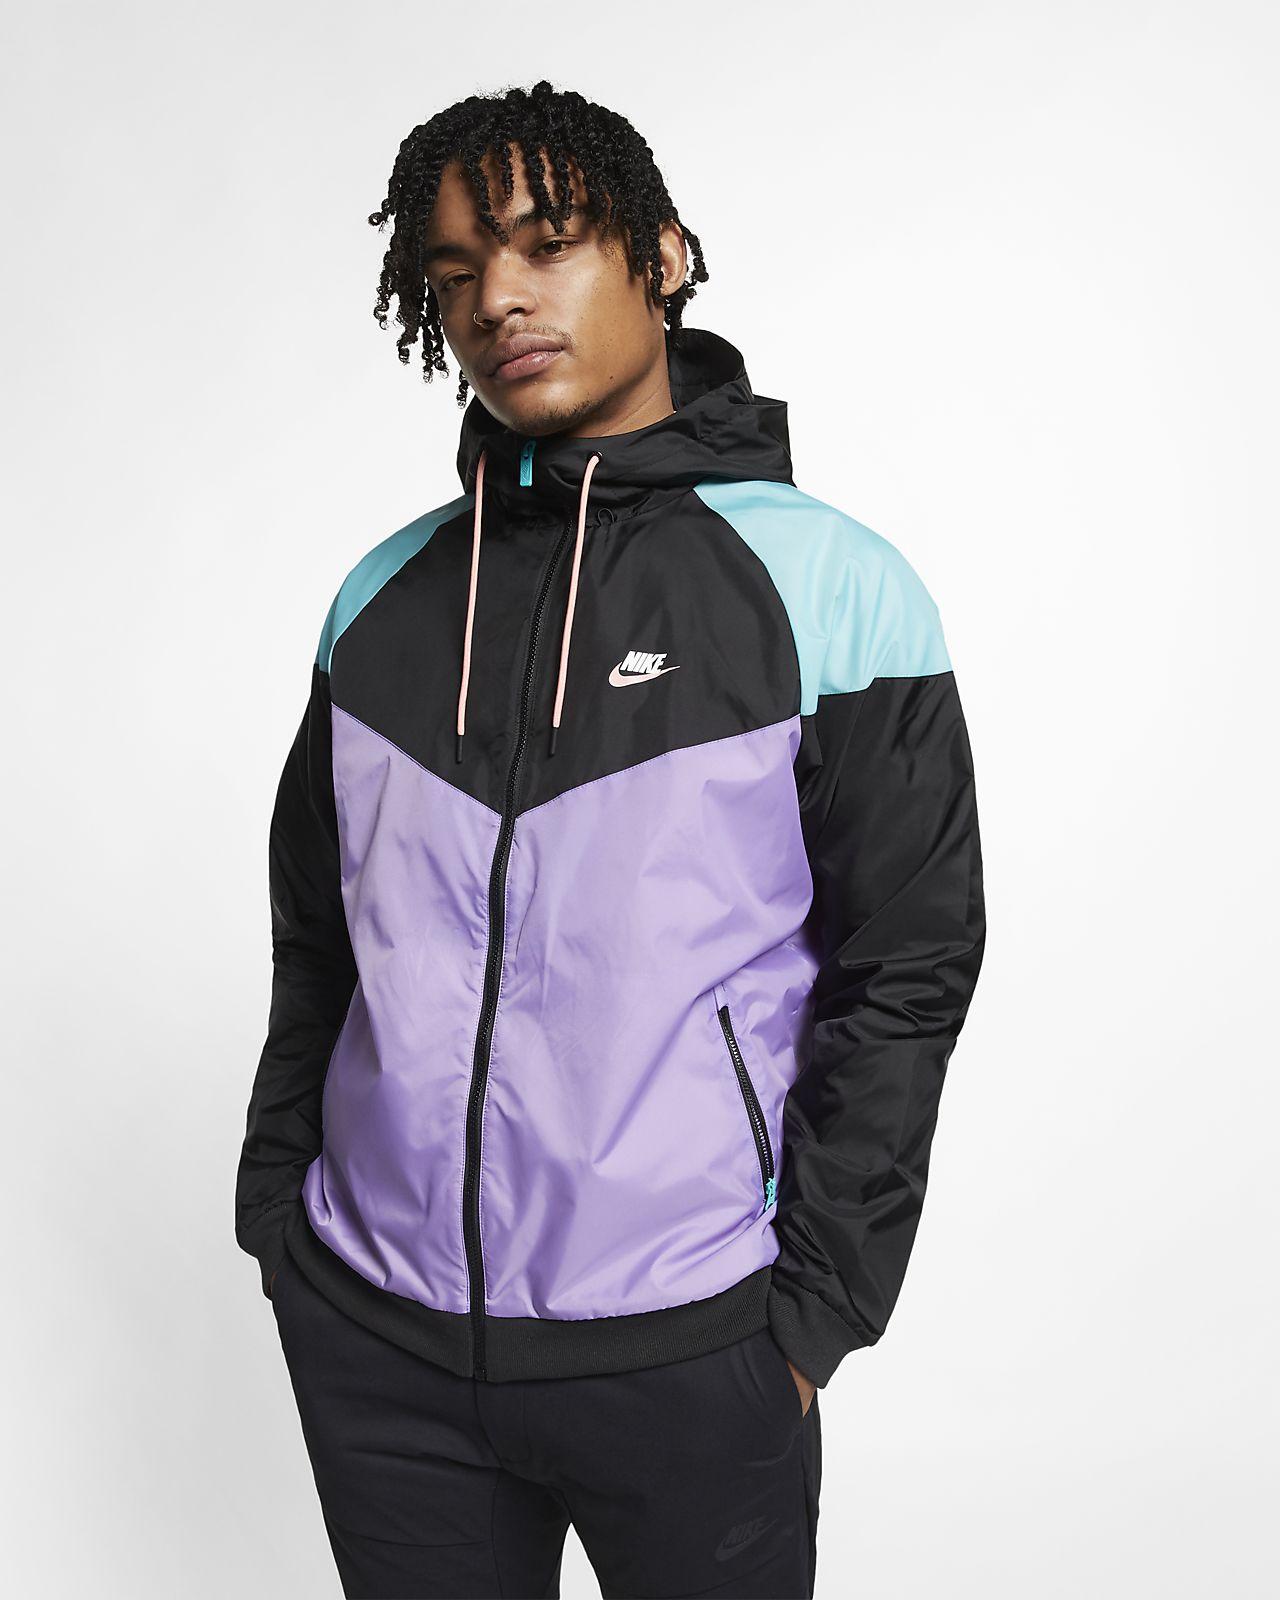 fc35f1e987 Nike Sportswear Windrunner Men s Jacket. Nike.com